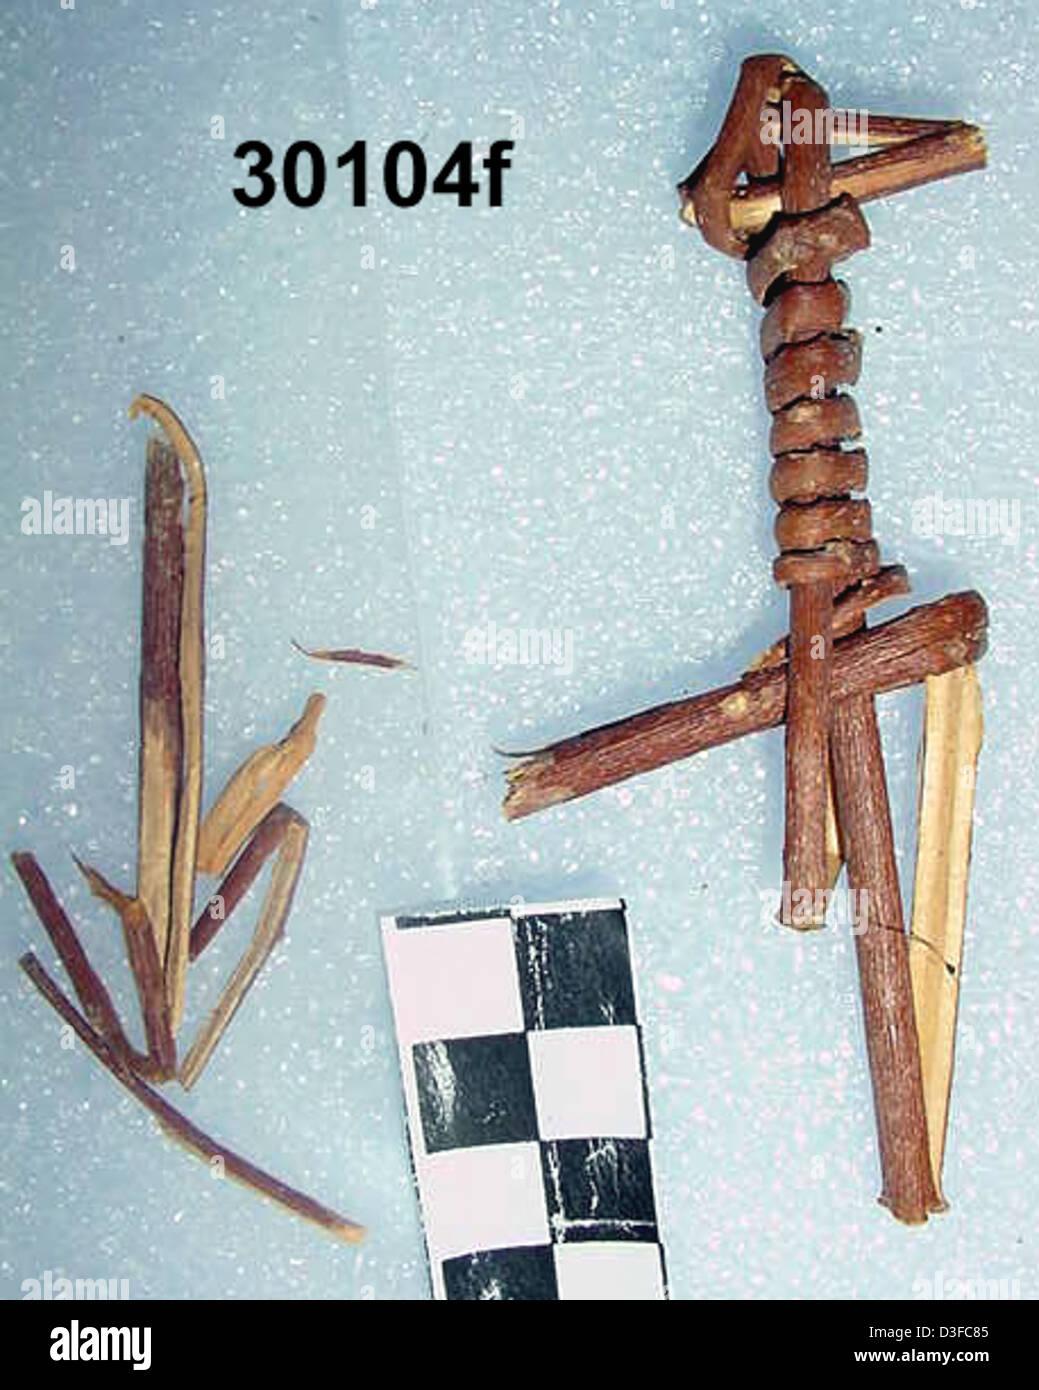 Split-Twig Figurine GRCA_30104f - Stock Image